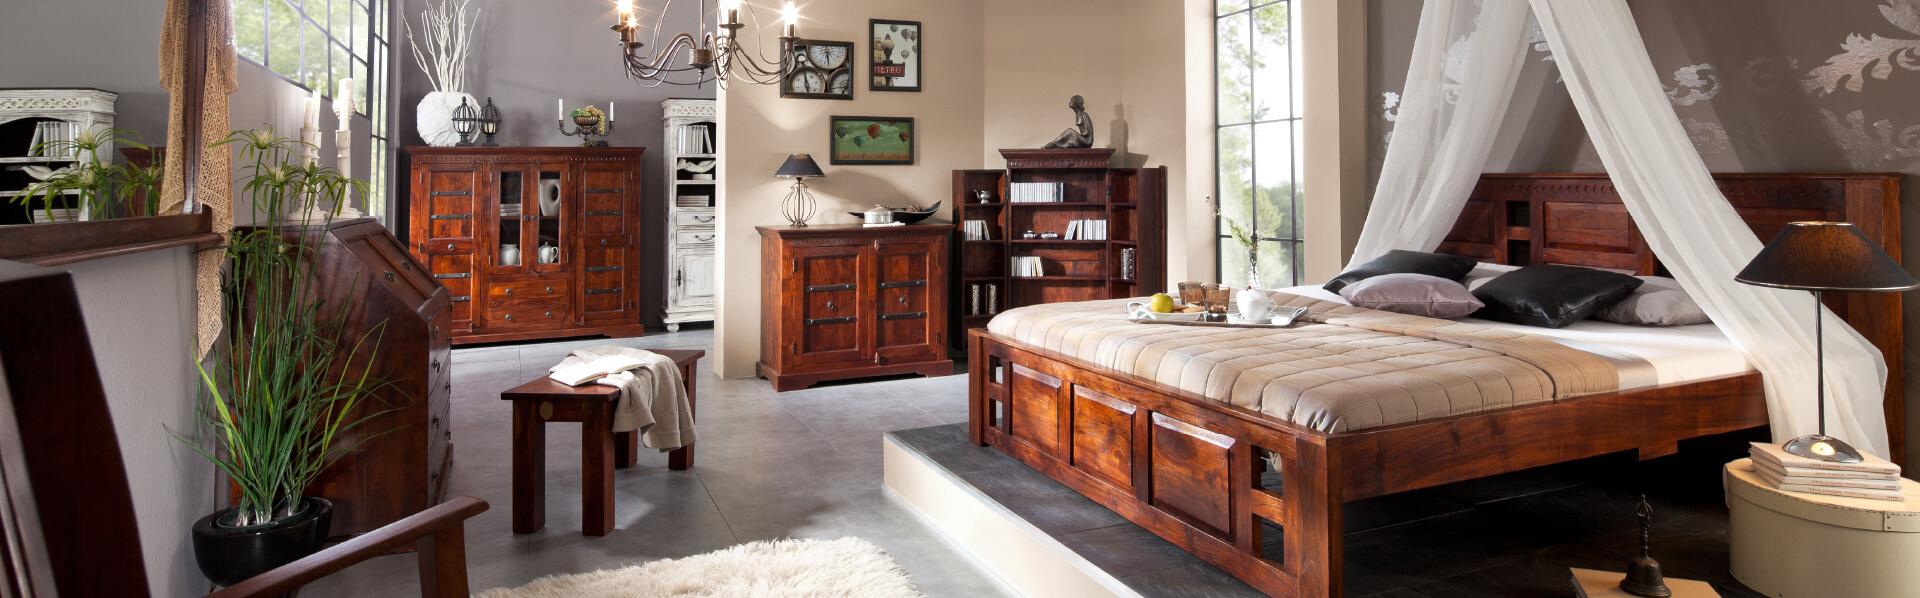 Möbel im Kolonialstil | Kolonialmöbel günstig kaufen | Massivmoebel15